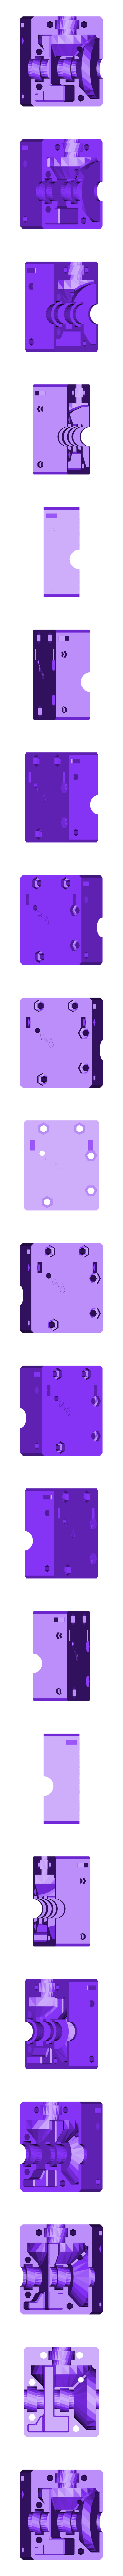 enclosure_side_A.stl Télécharger fichier STL gratuit Réducteur à angle droit Nema 17 avec engrenages coniques à denture hélicoïdale • Modèle pour imprimante 3D, dasaki